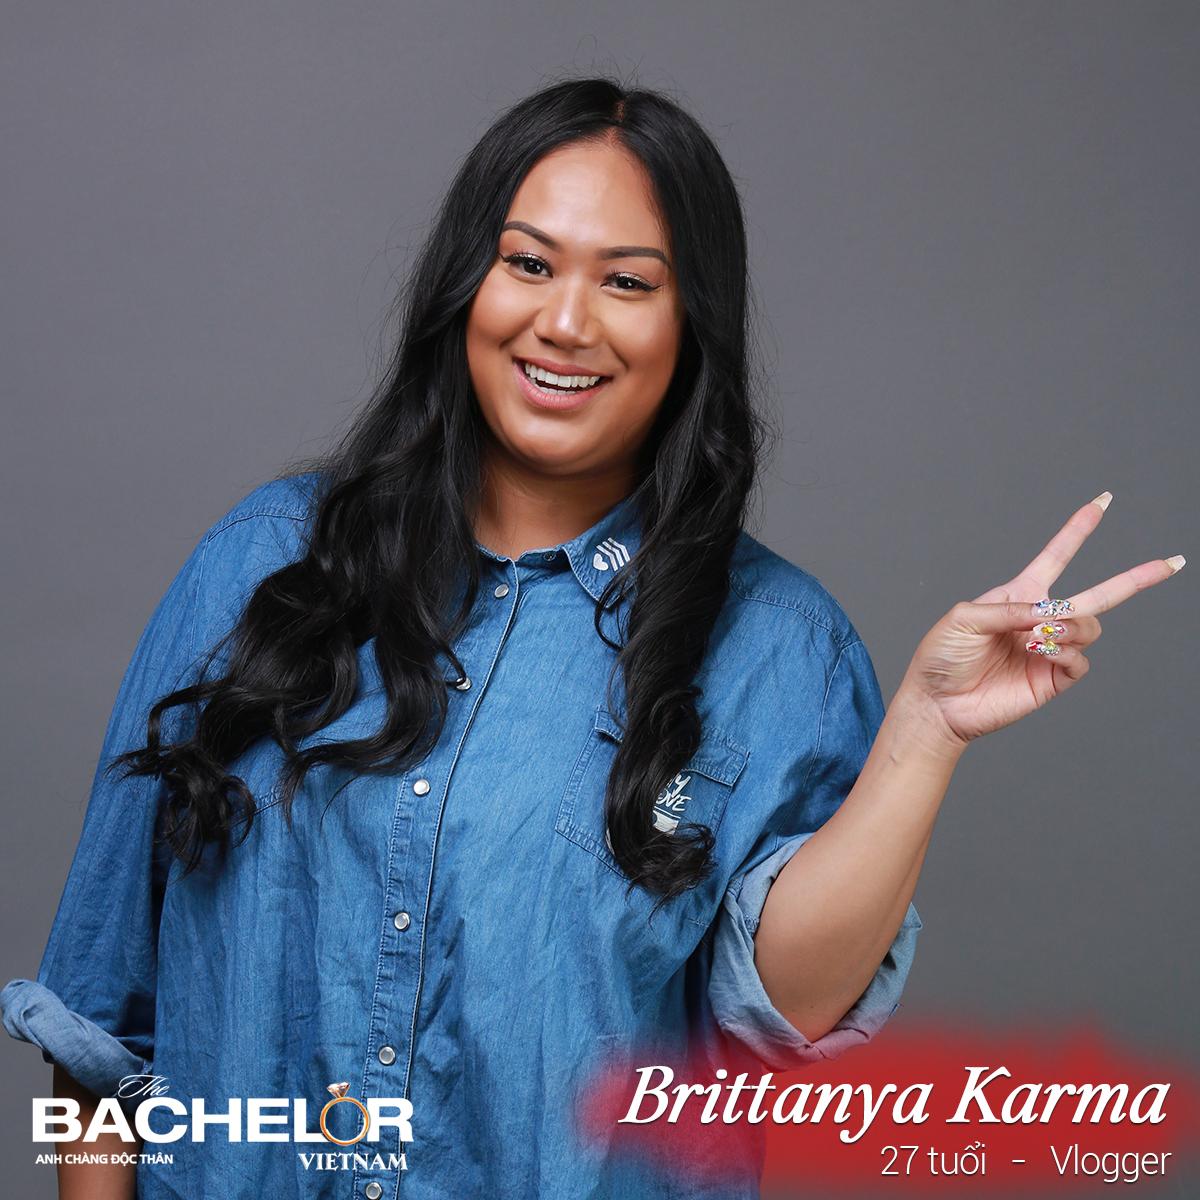 Vlogger Brittanya Karma (Anh chàng độc thân): Tôi sẵn sàng chi trả để Phương Thảo đến gặp bác sĩ tâm lý - Ảnh 2.